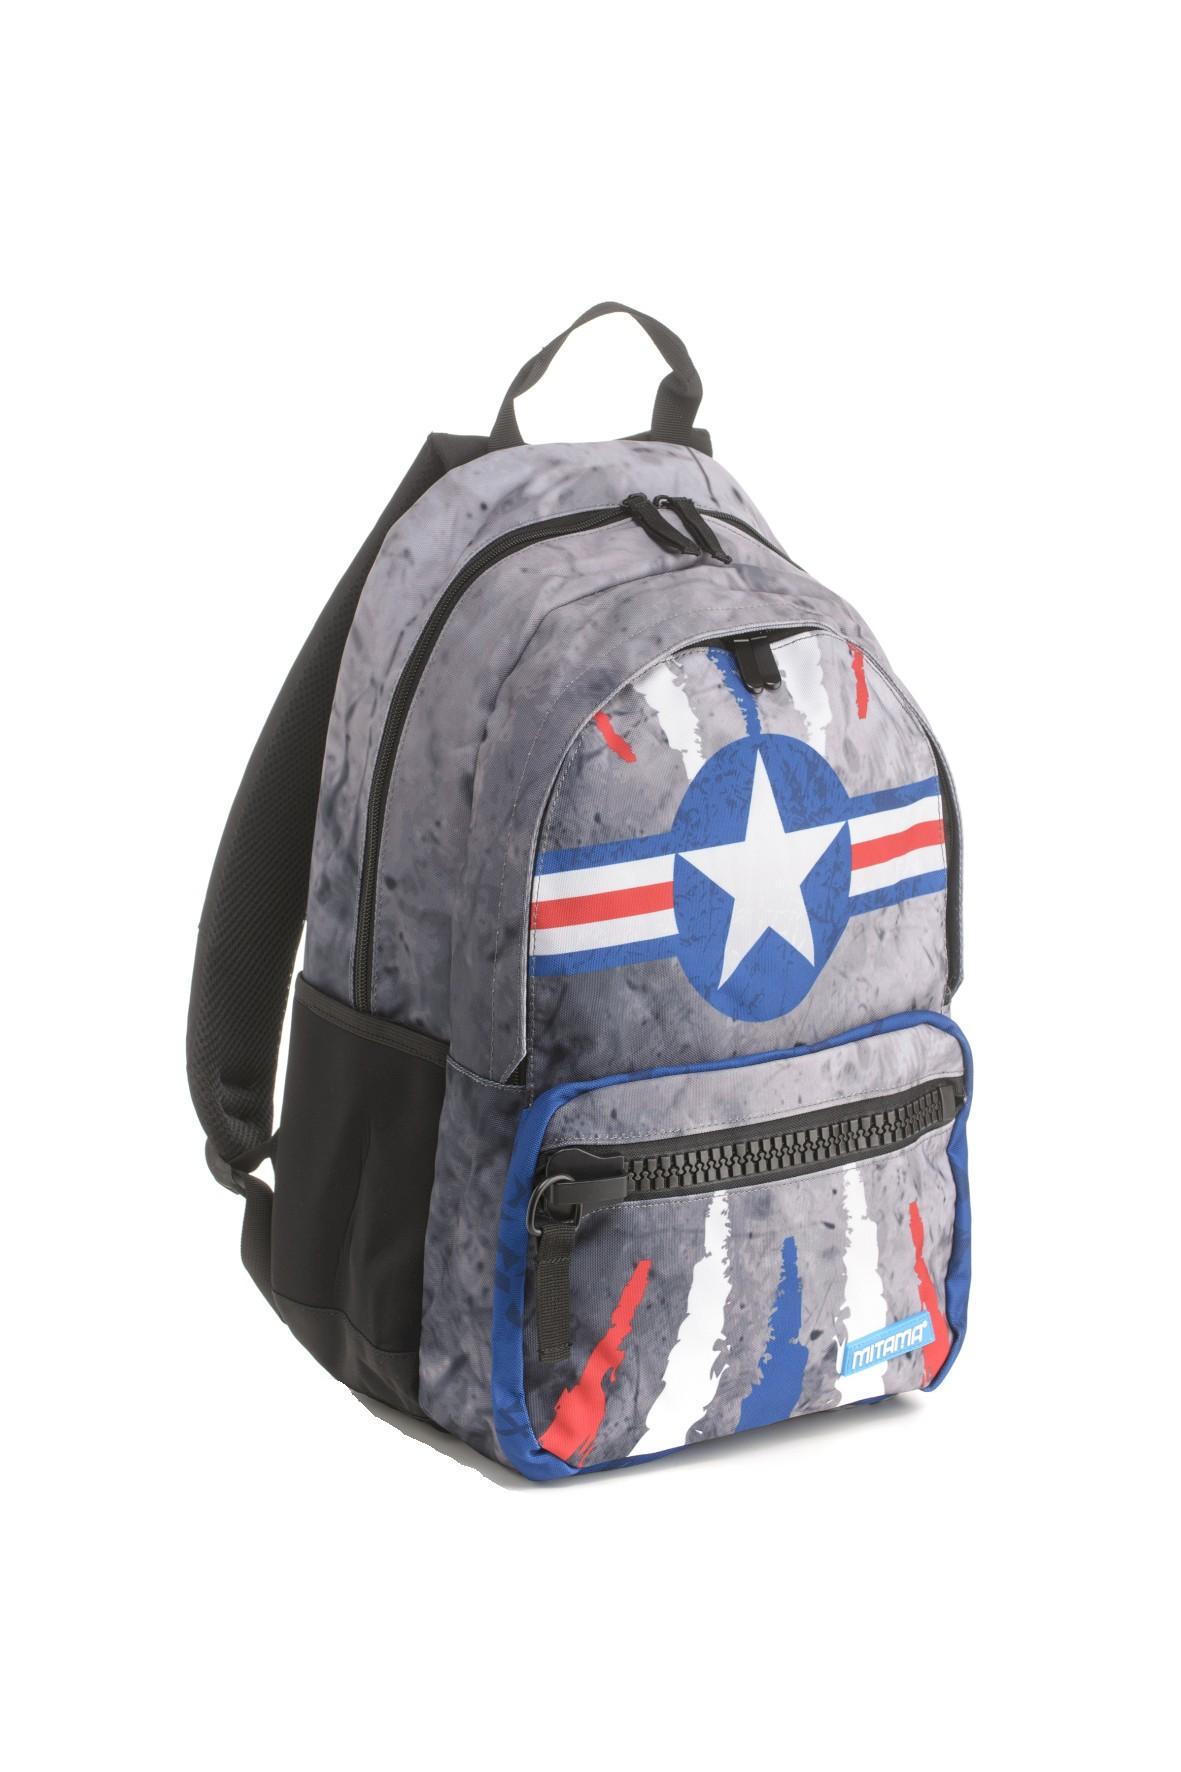 Plecak chłopięcy szkolny  Unlimited - szary